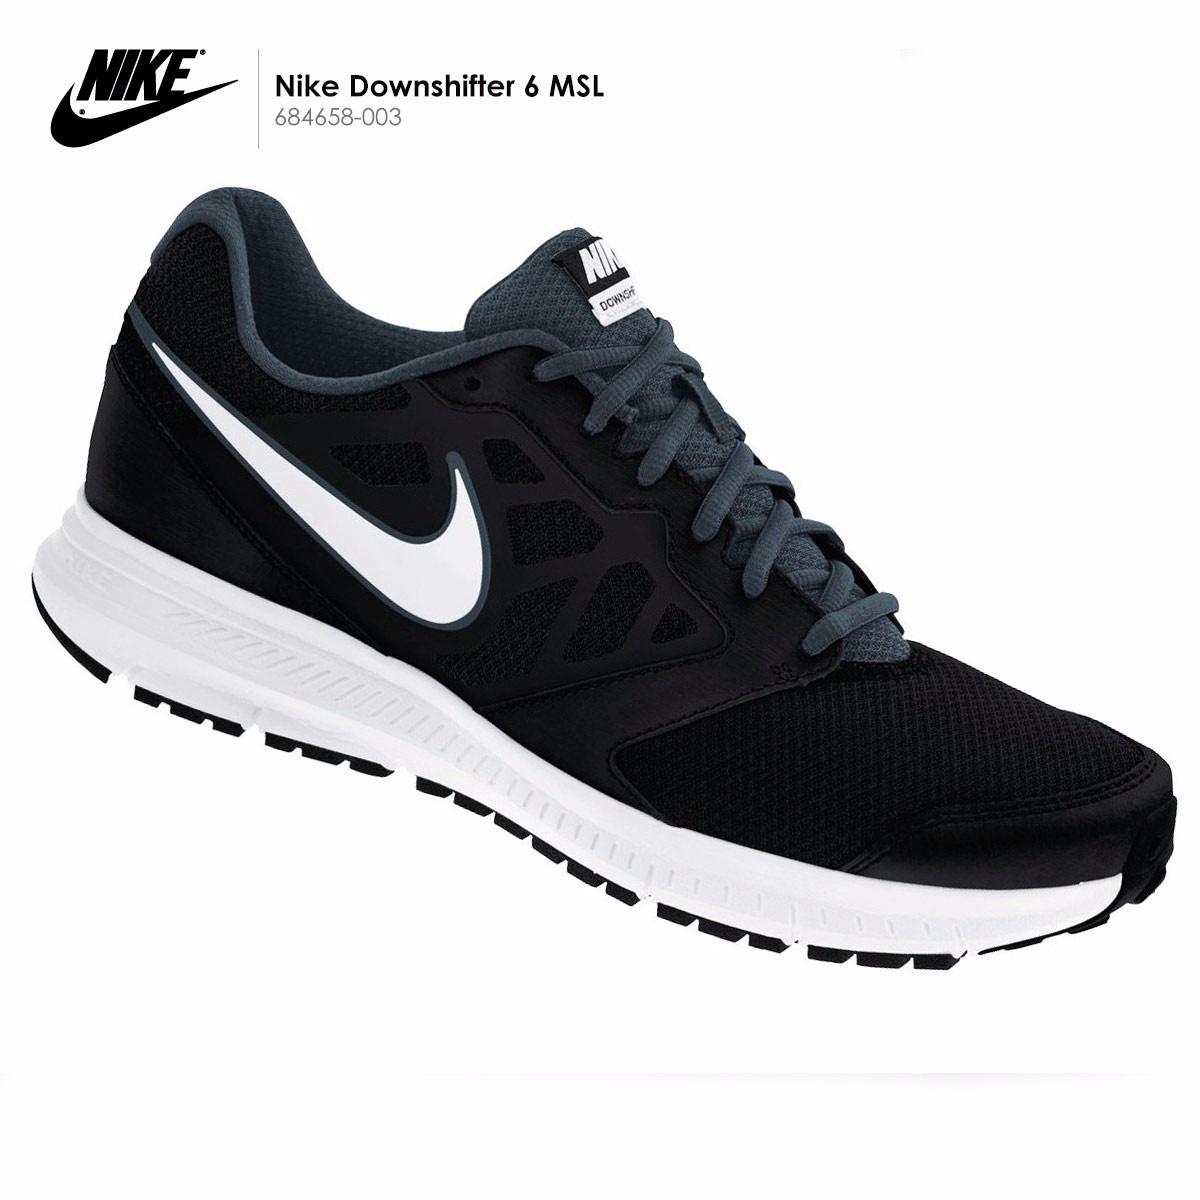 f0060d1d5f Zapatillas Nike Downshifter 6 Msl - S/ 190,00 en Mercado Libre